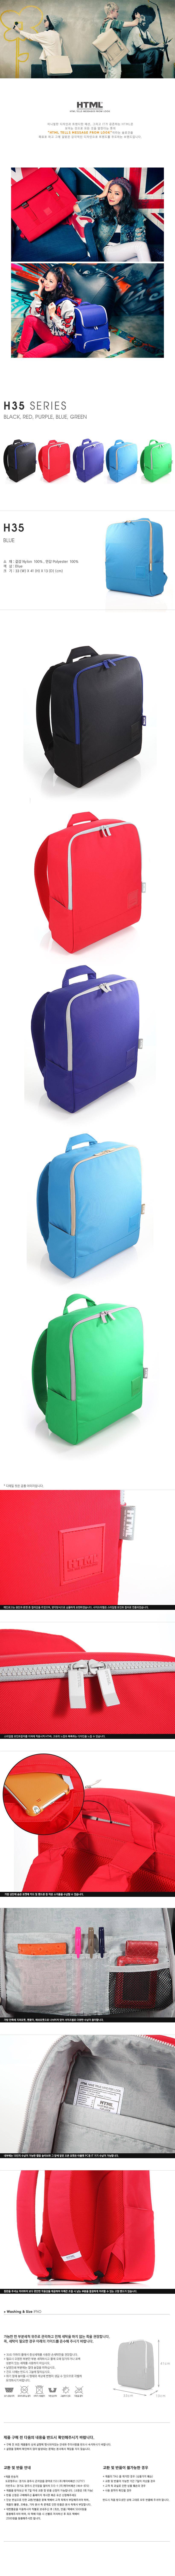 [에이치티엠엘]HTML - H35 backpack (Blue/Beige)_인기백팩